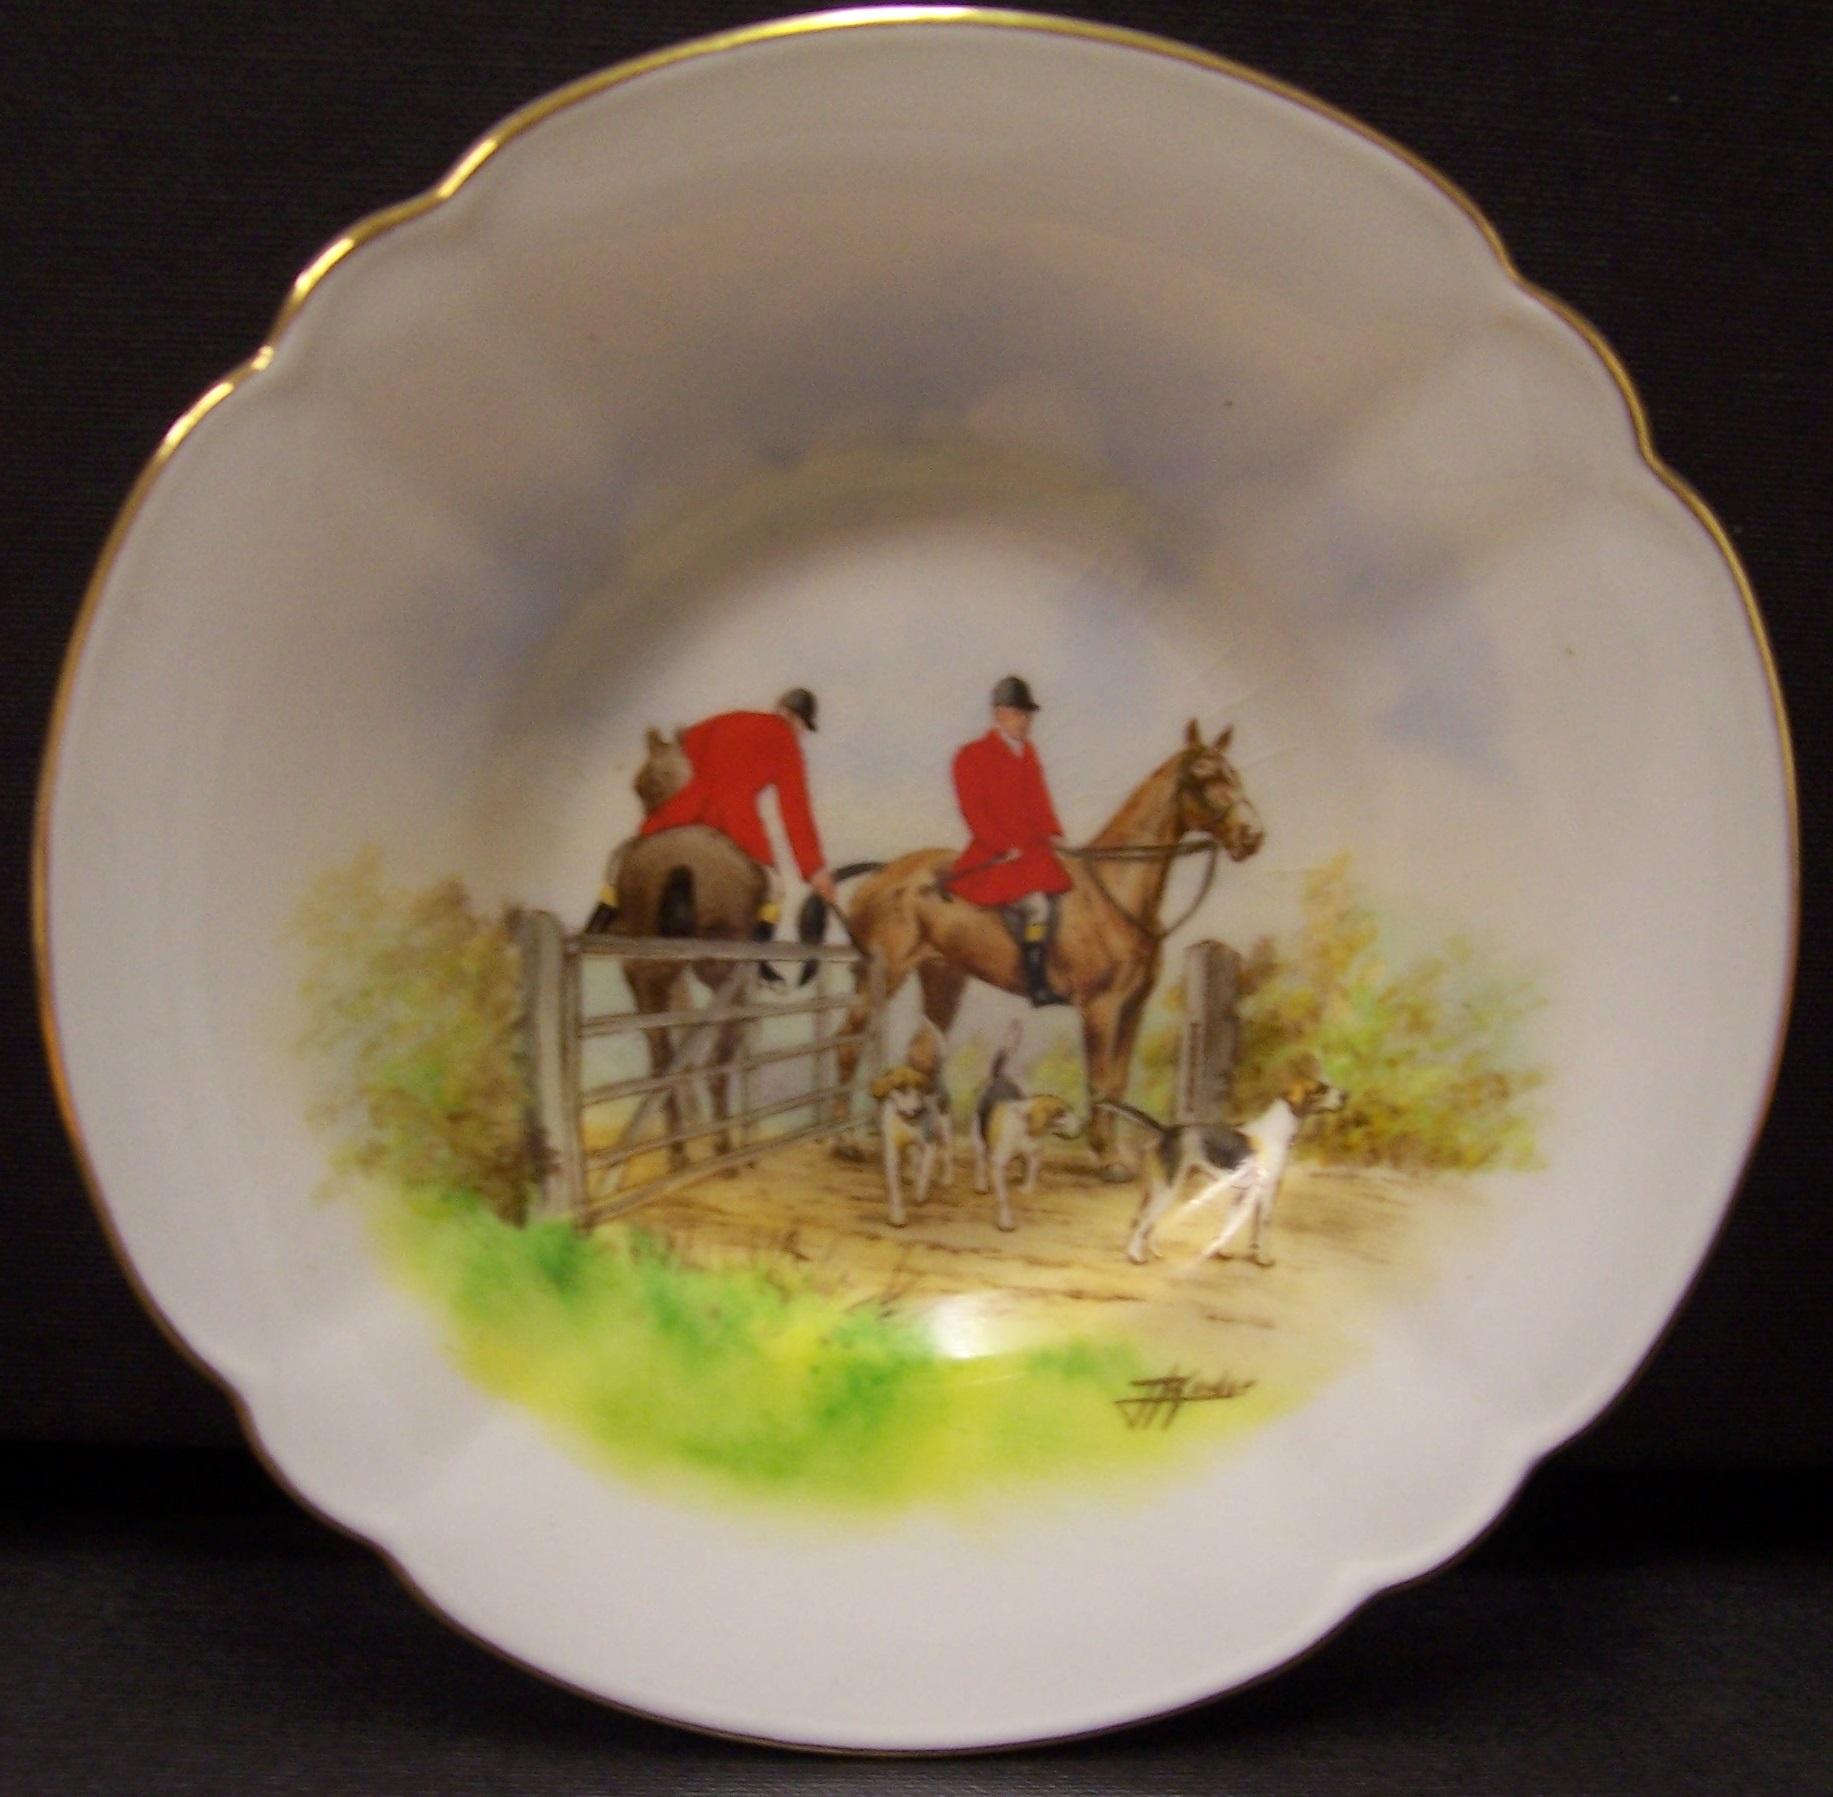 royal-crown-derby-chelsea-saucer-hunting-scene-j-kinder